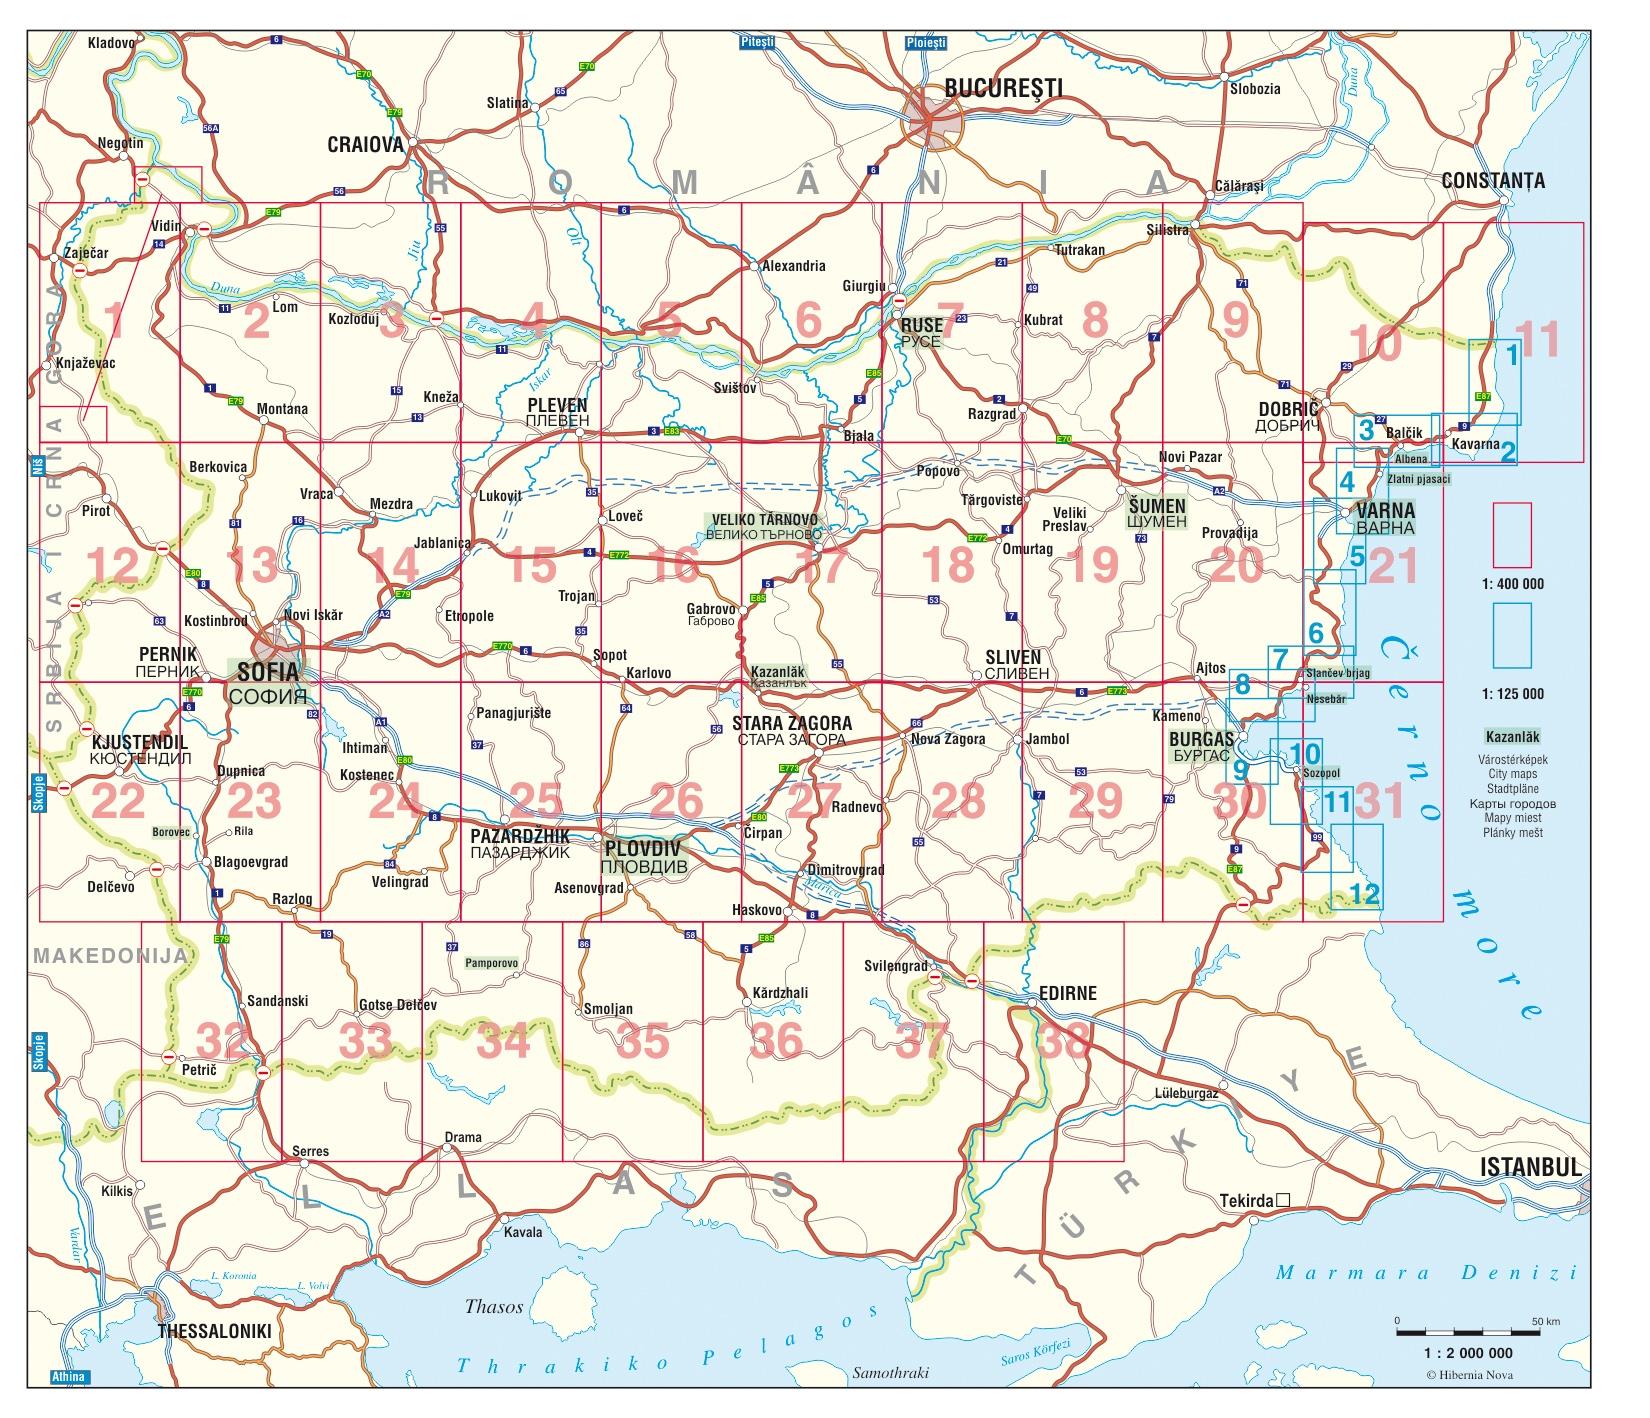 Bulgária atlasz áttekintő térkép (1:400.000-es lapok)